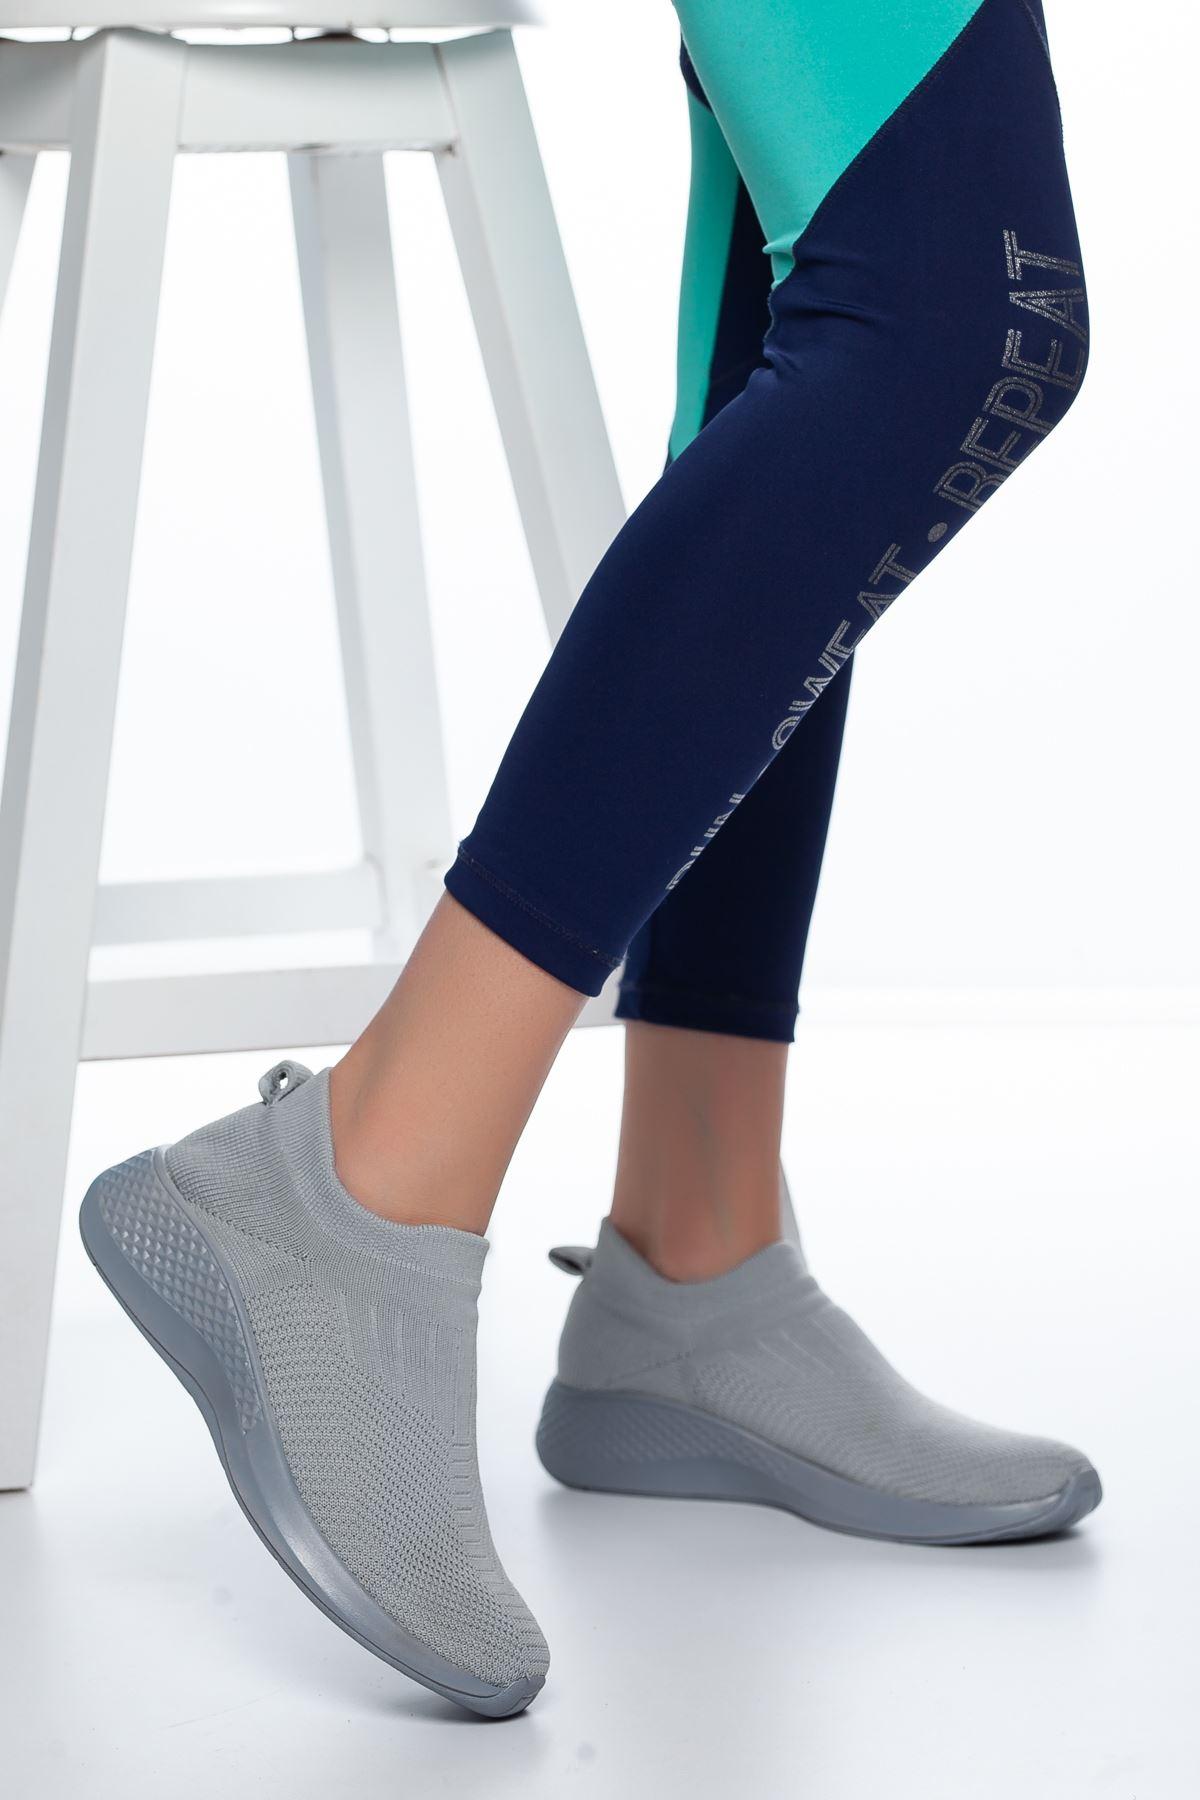 Nolan Lastikli Çorap Spor Gri